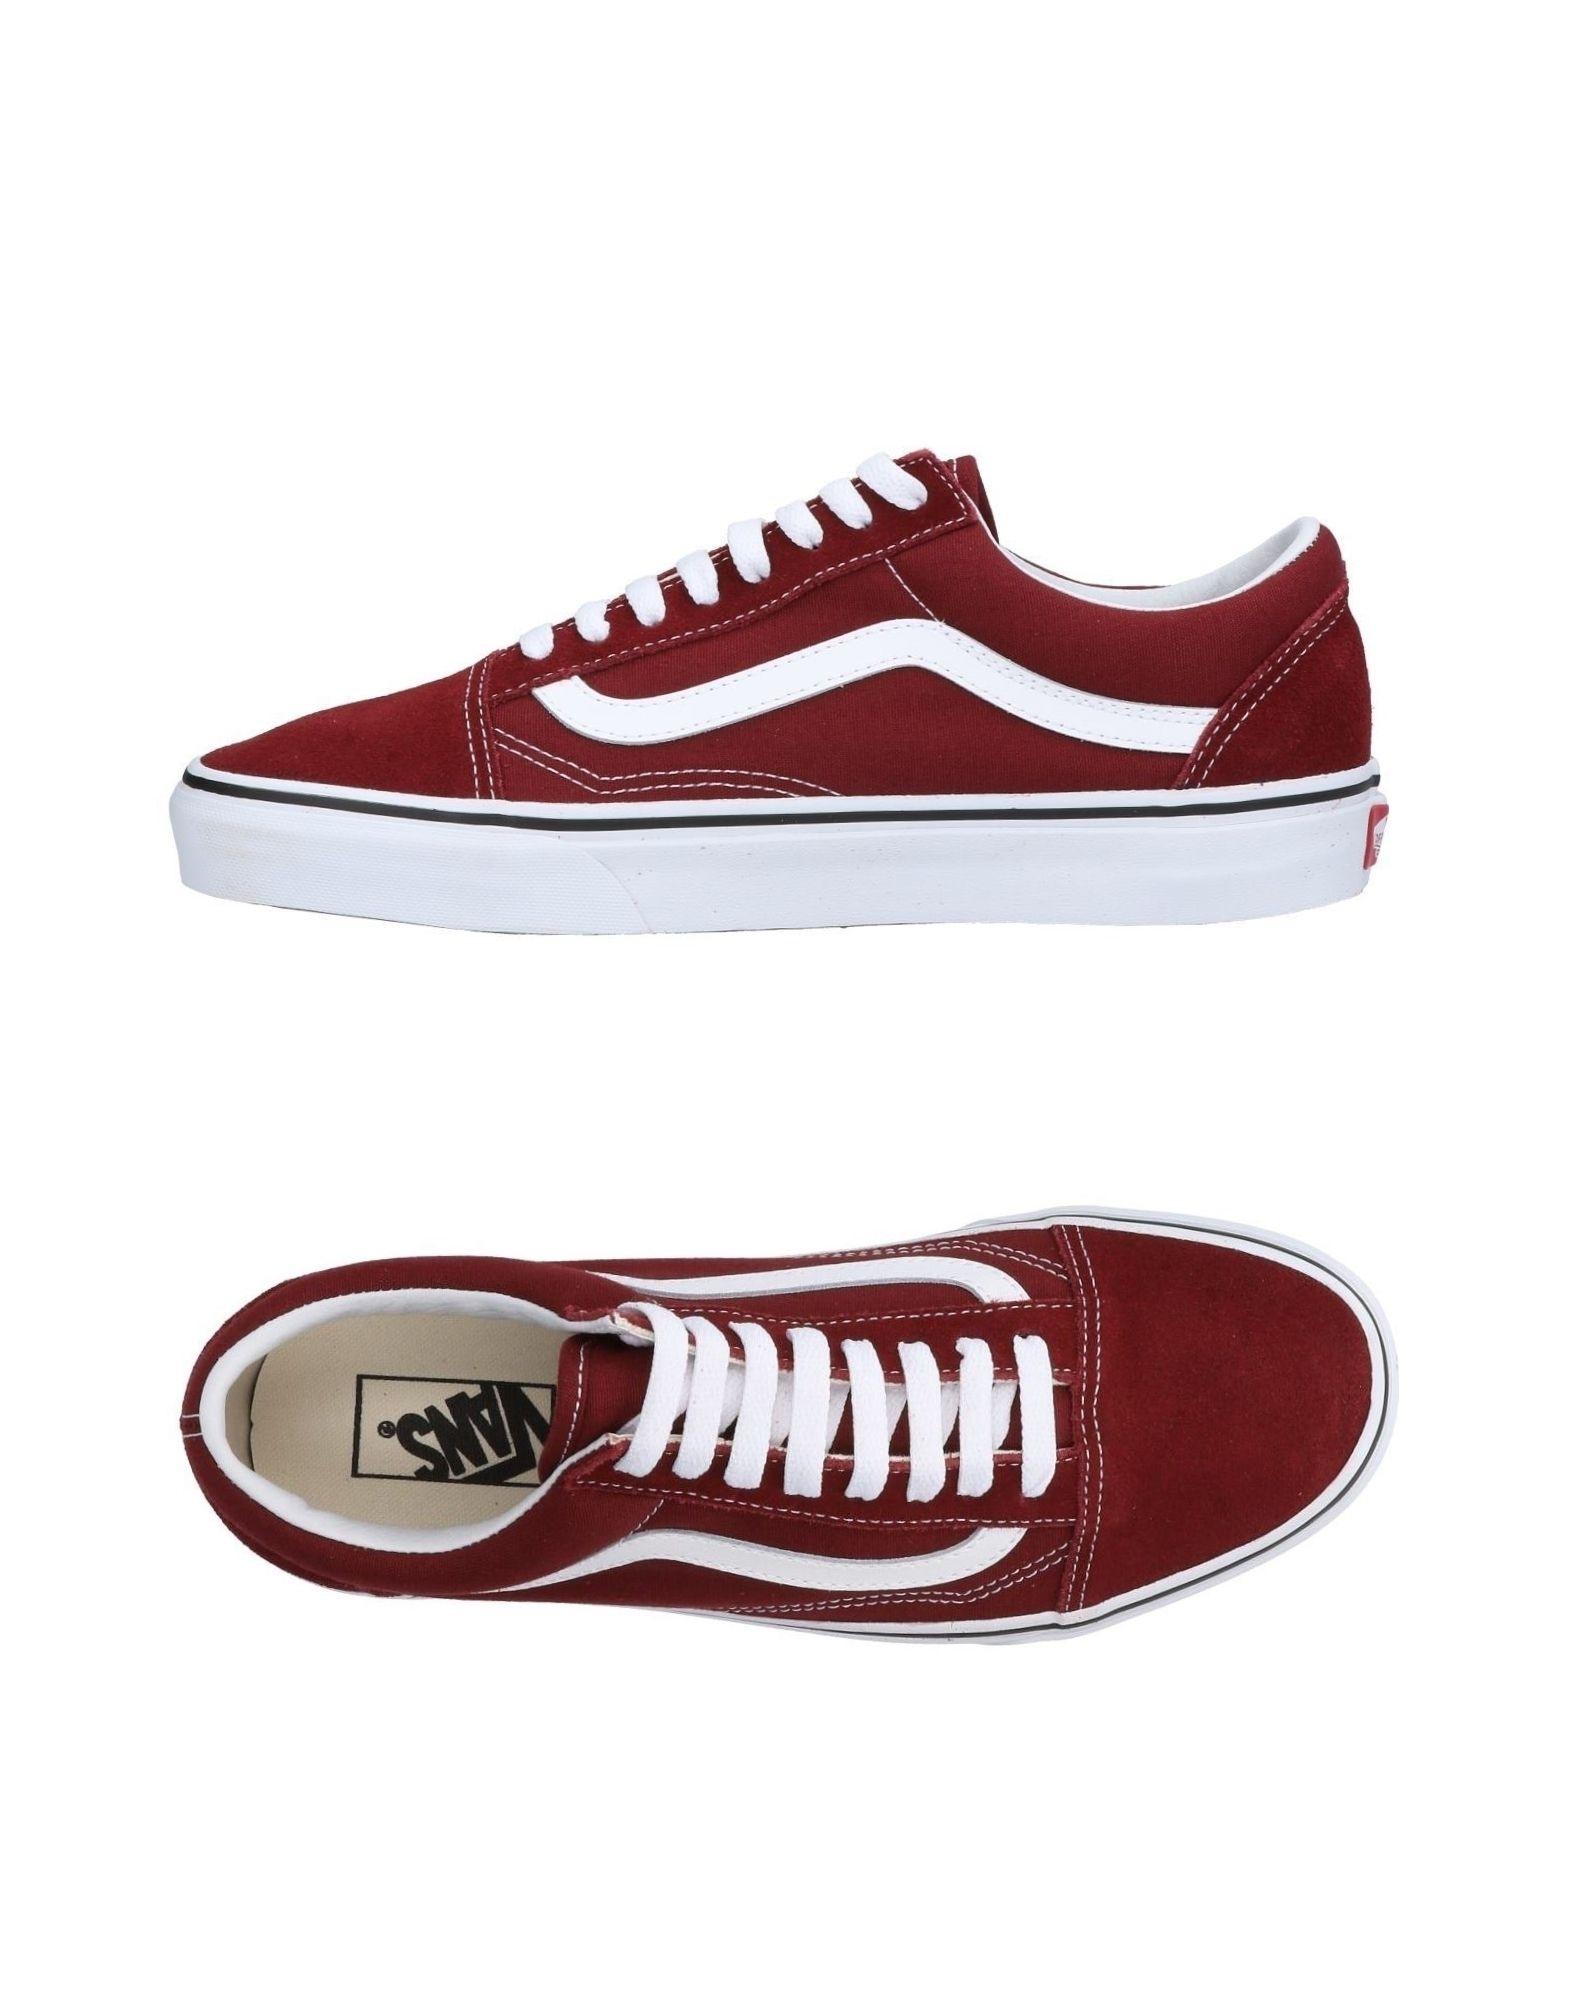 Rabatt echte Schuhe Schuhe echte Vans Sneakers Herren  11495689FA bfe890